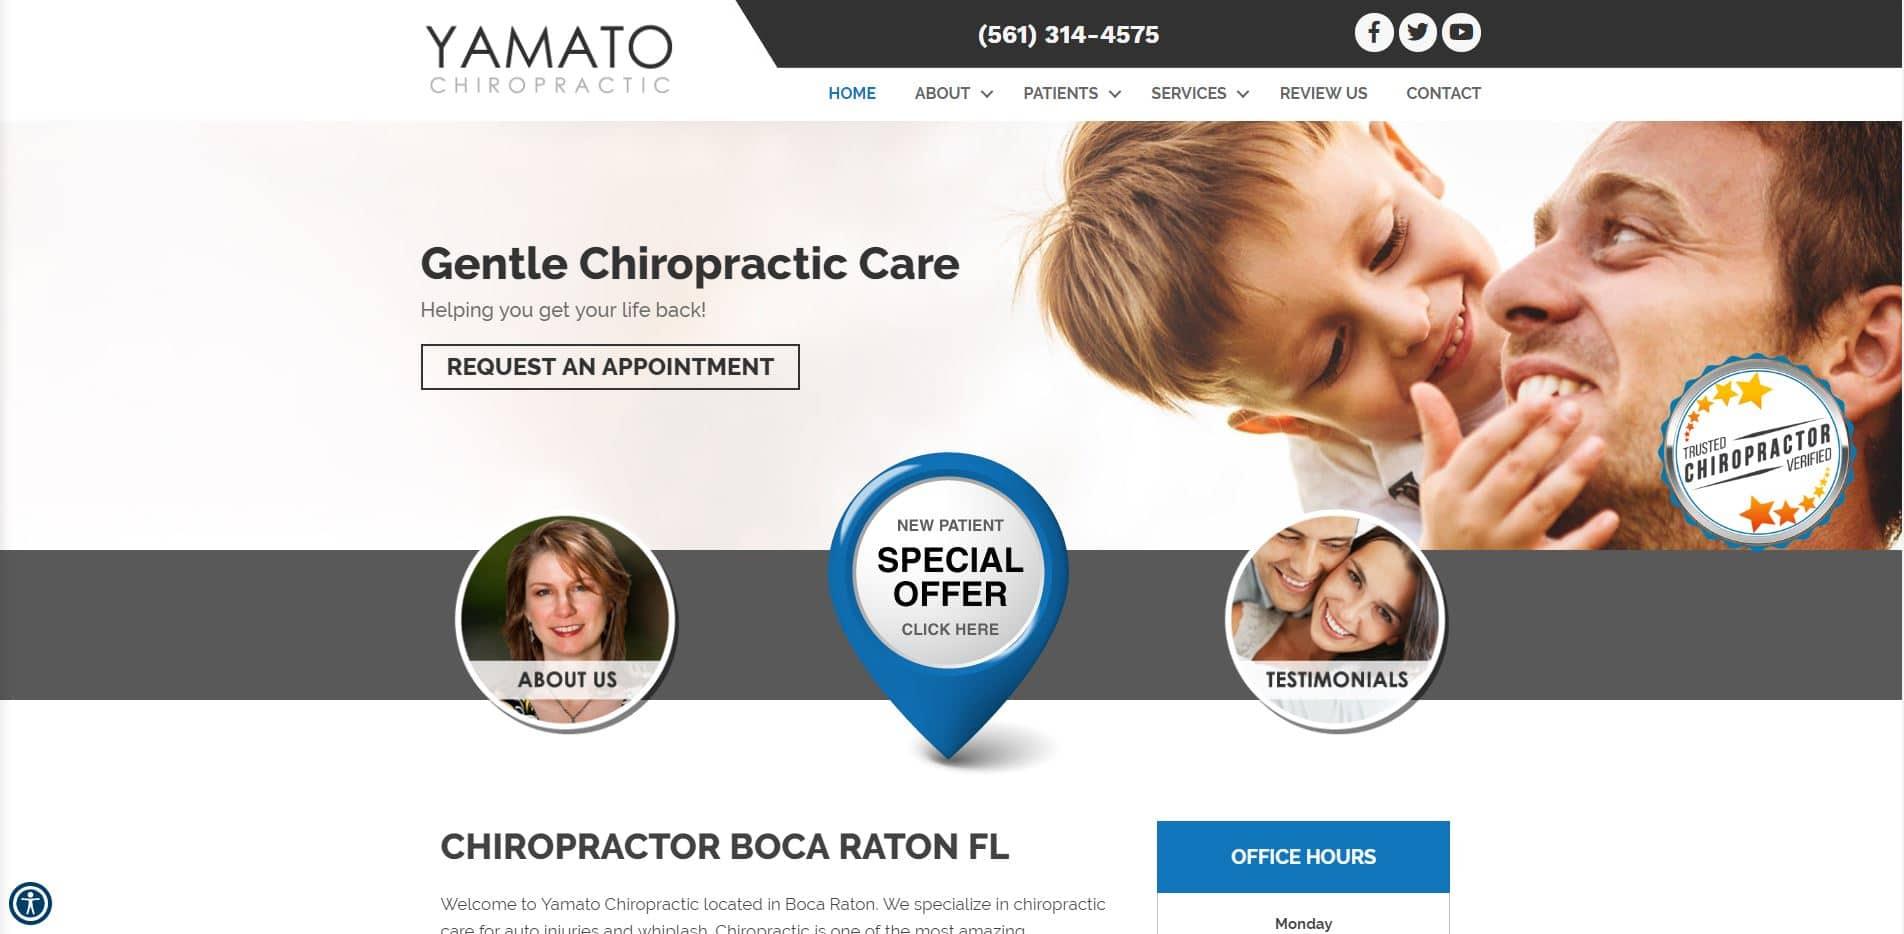 Chiropractor in Boca Raton